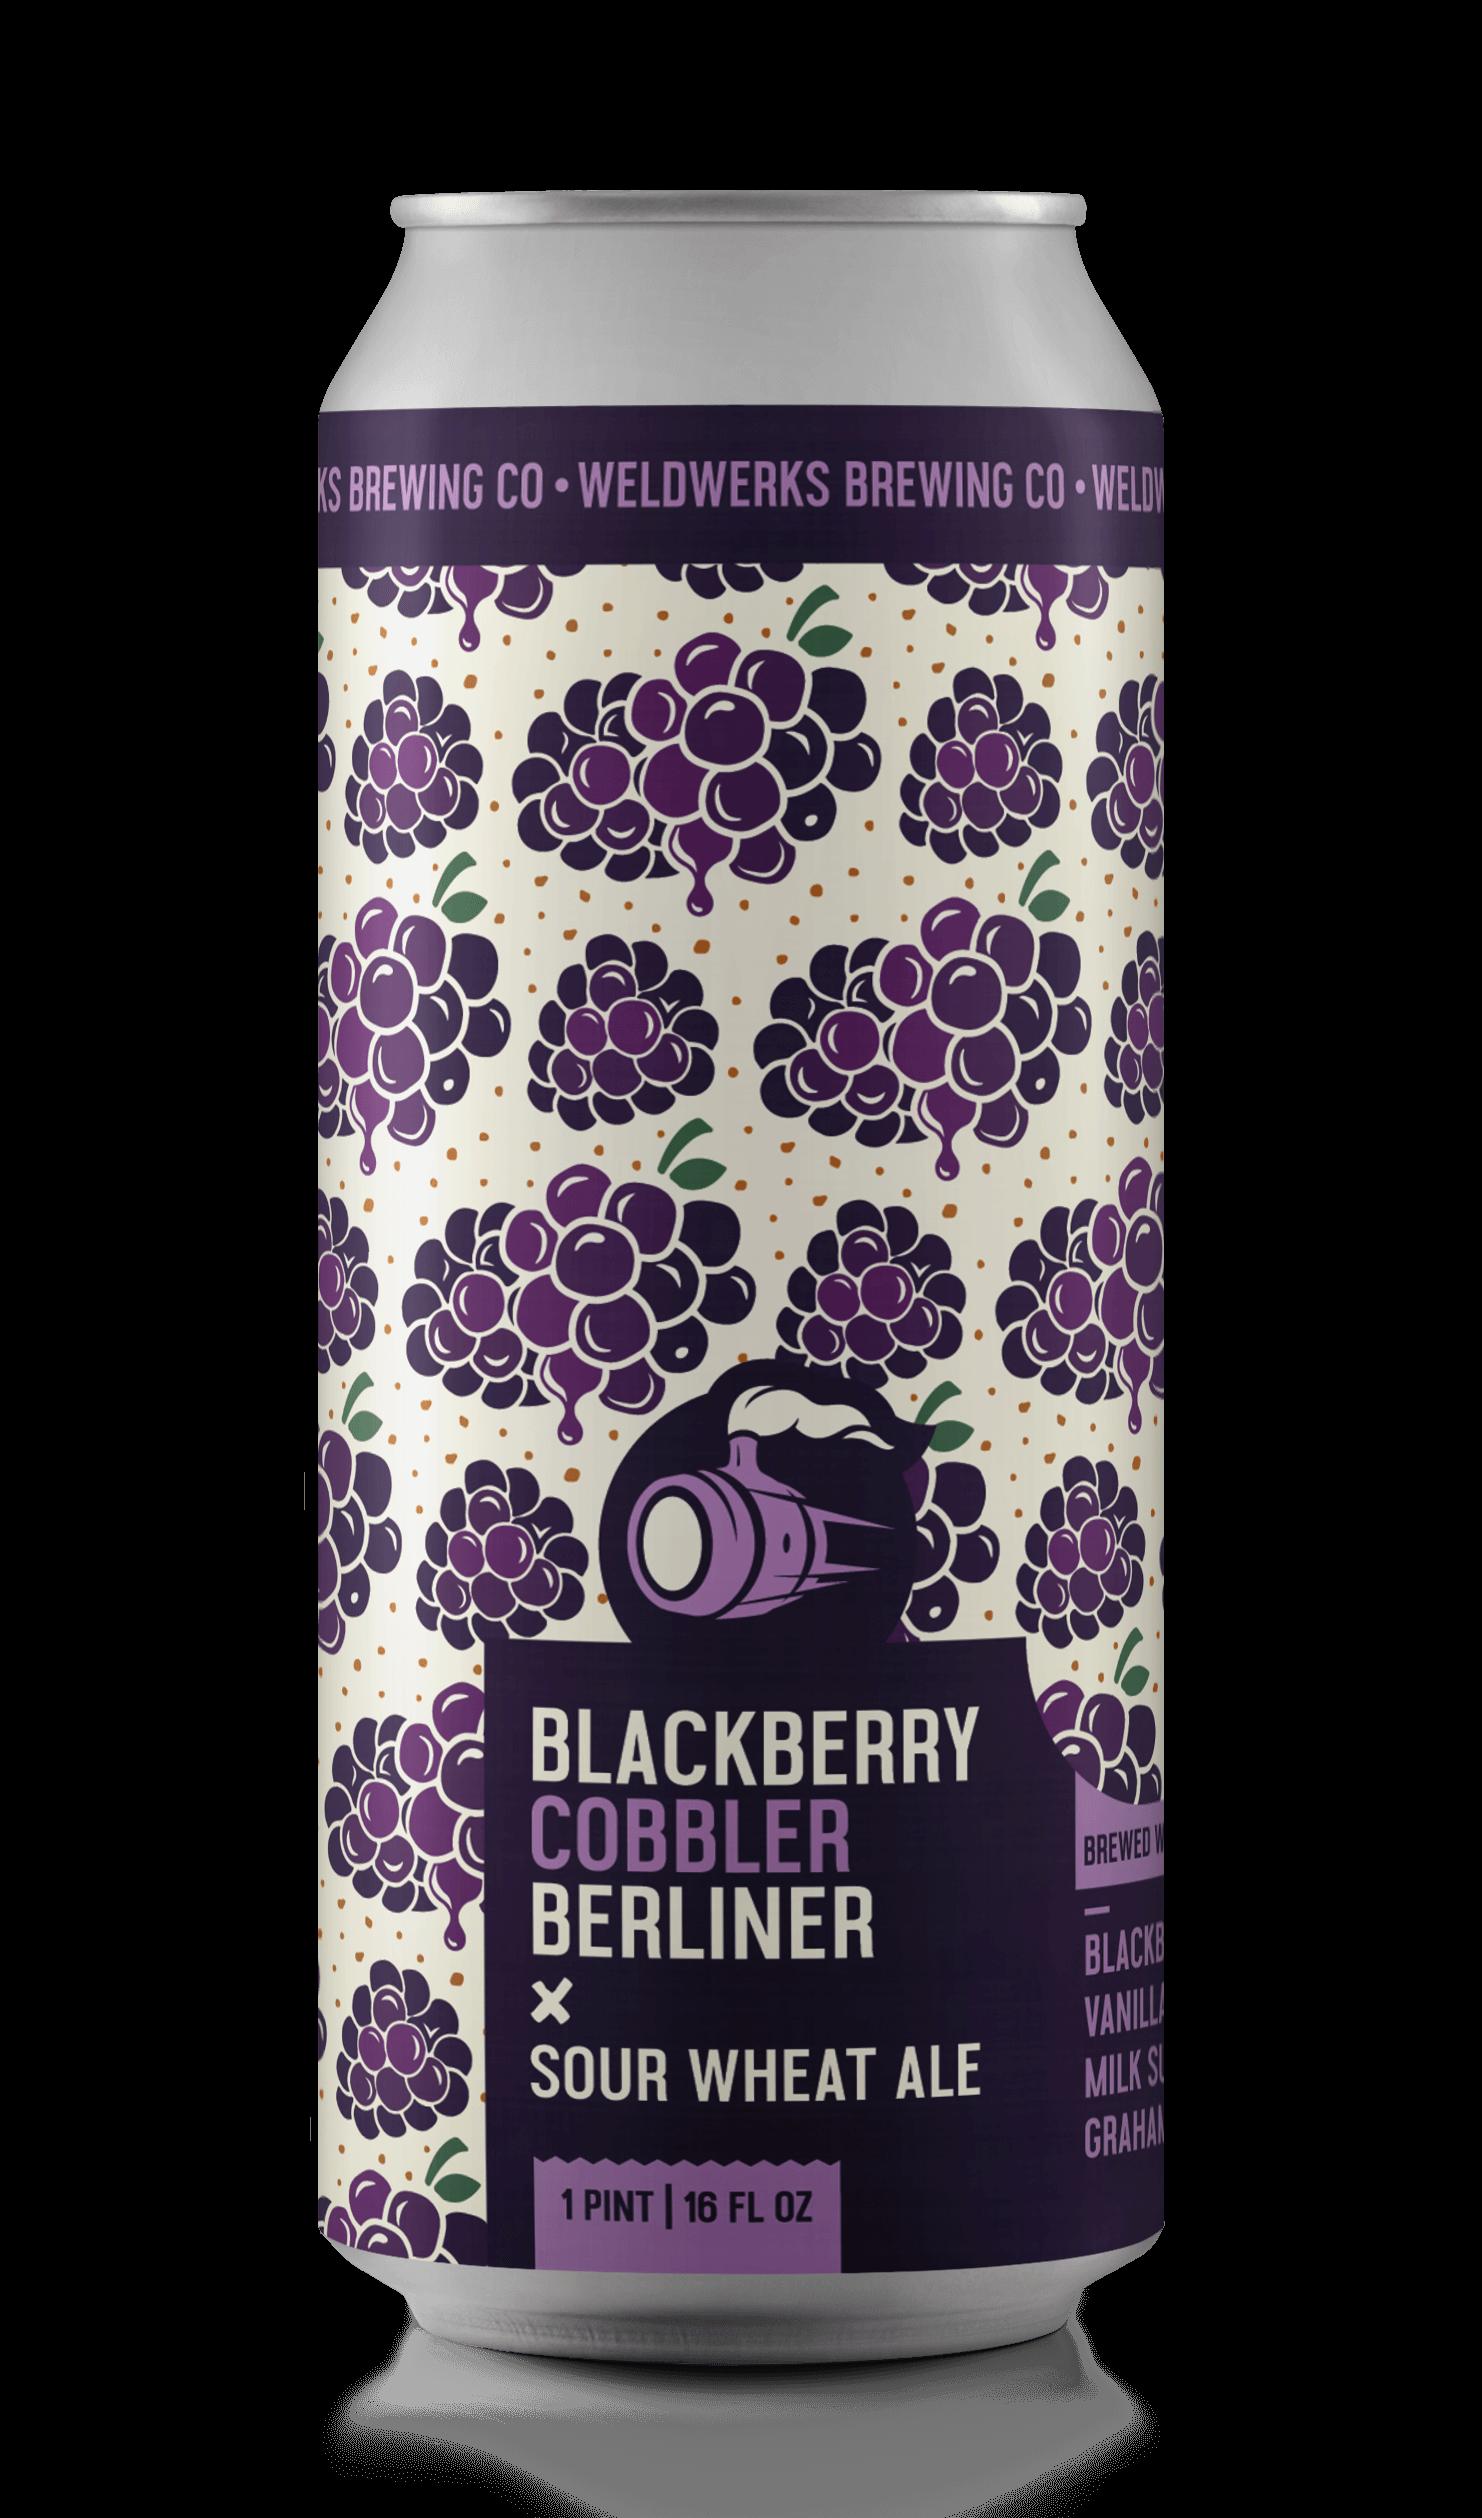 Blackberry Cobbler Berliner